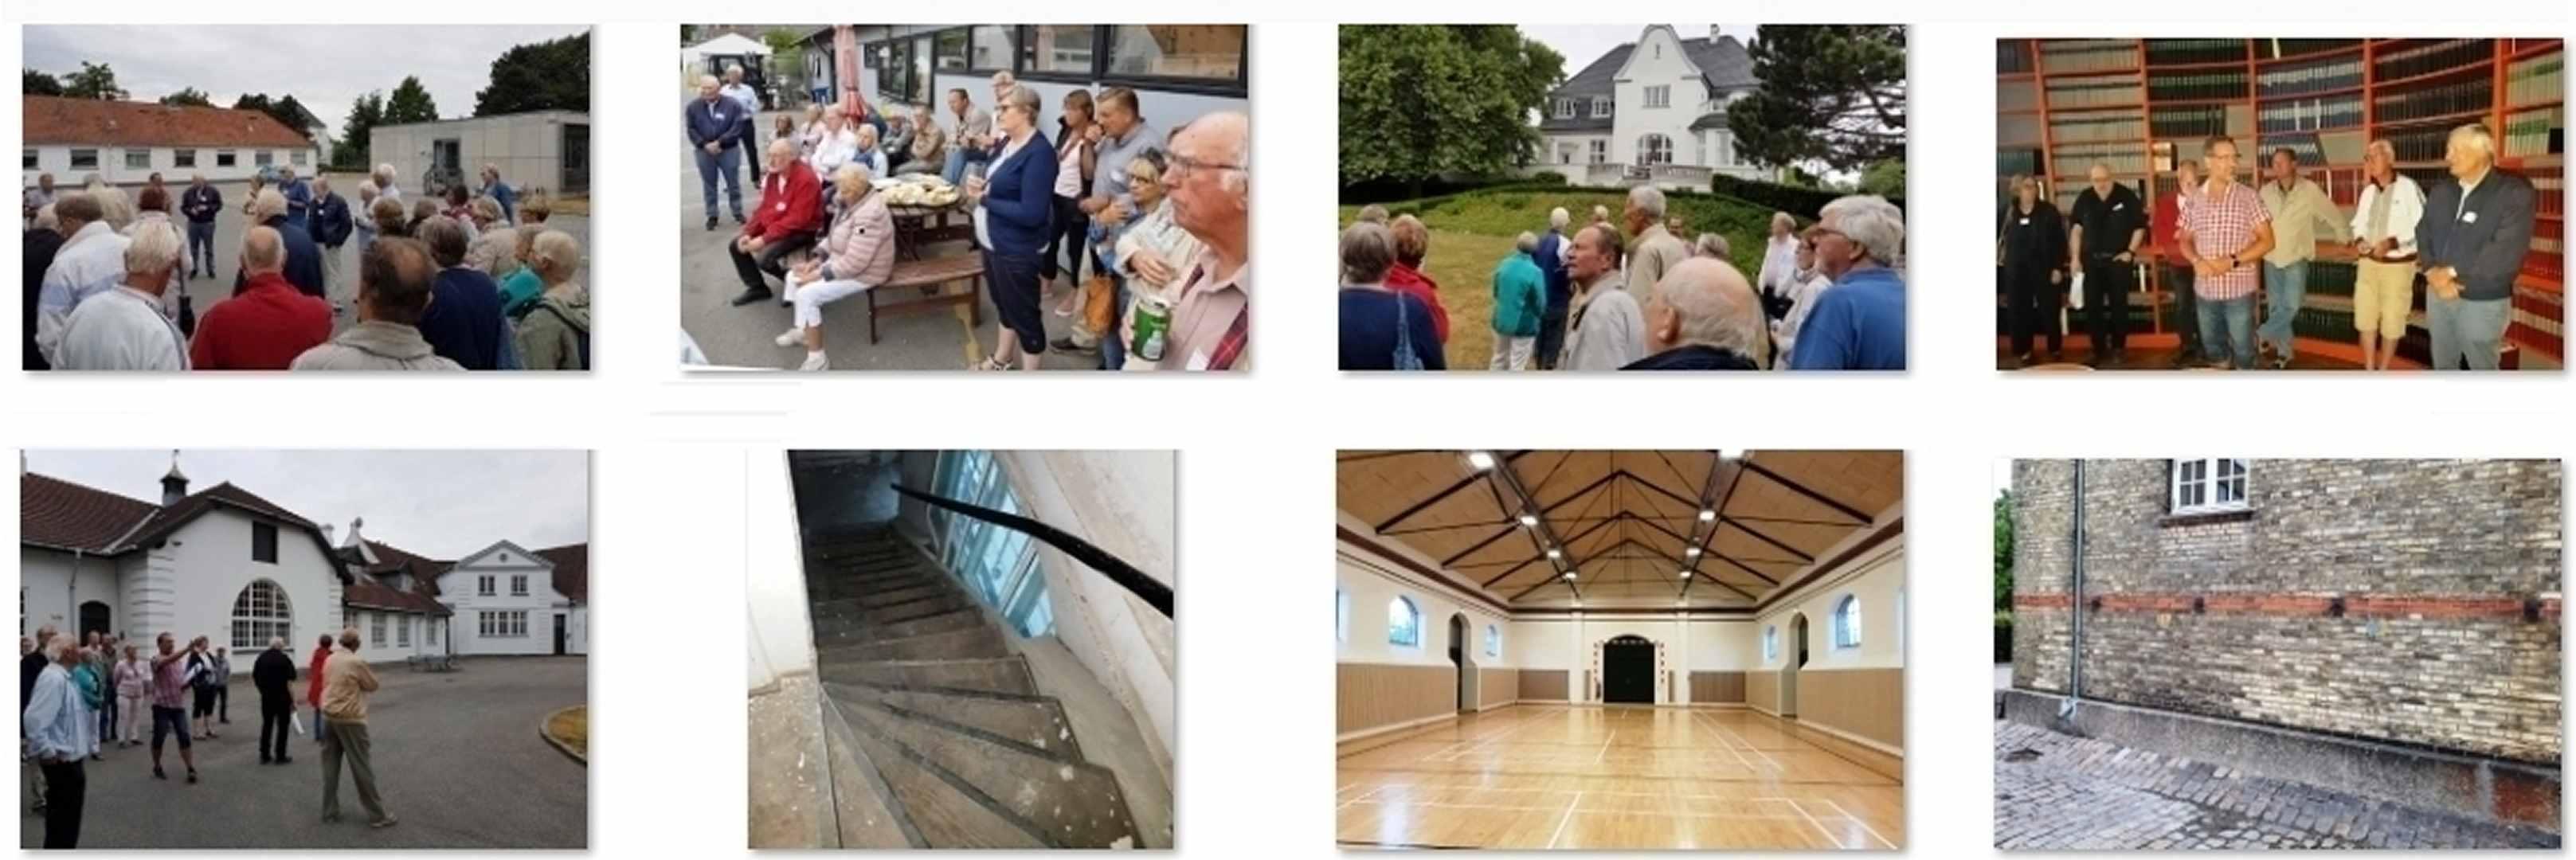 Lokalhistorisk Forening, Dragør - Dines Bogø